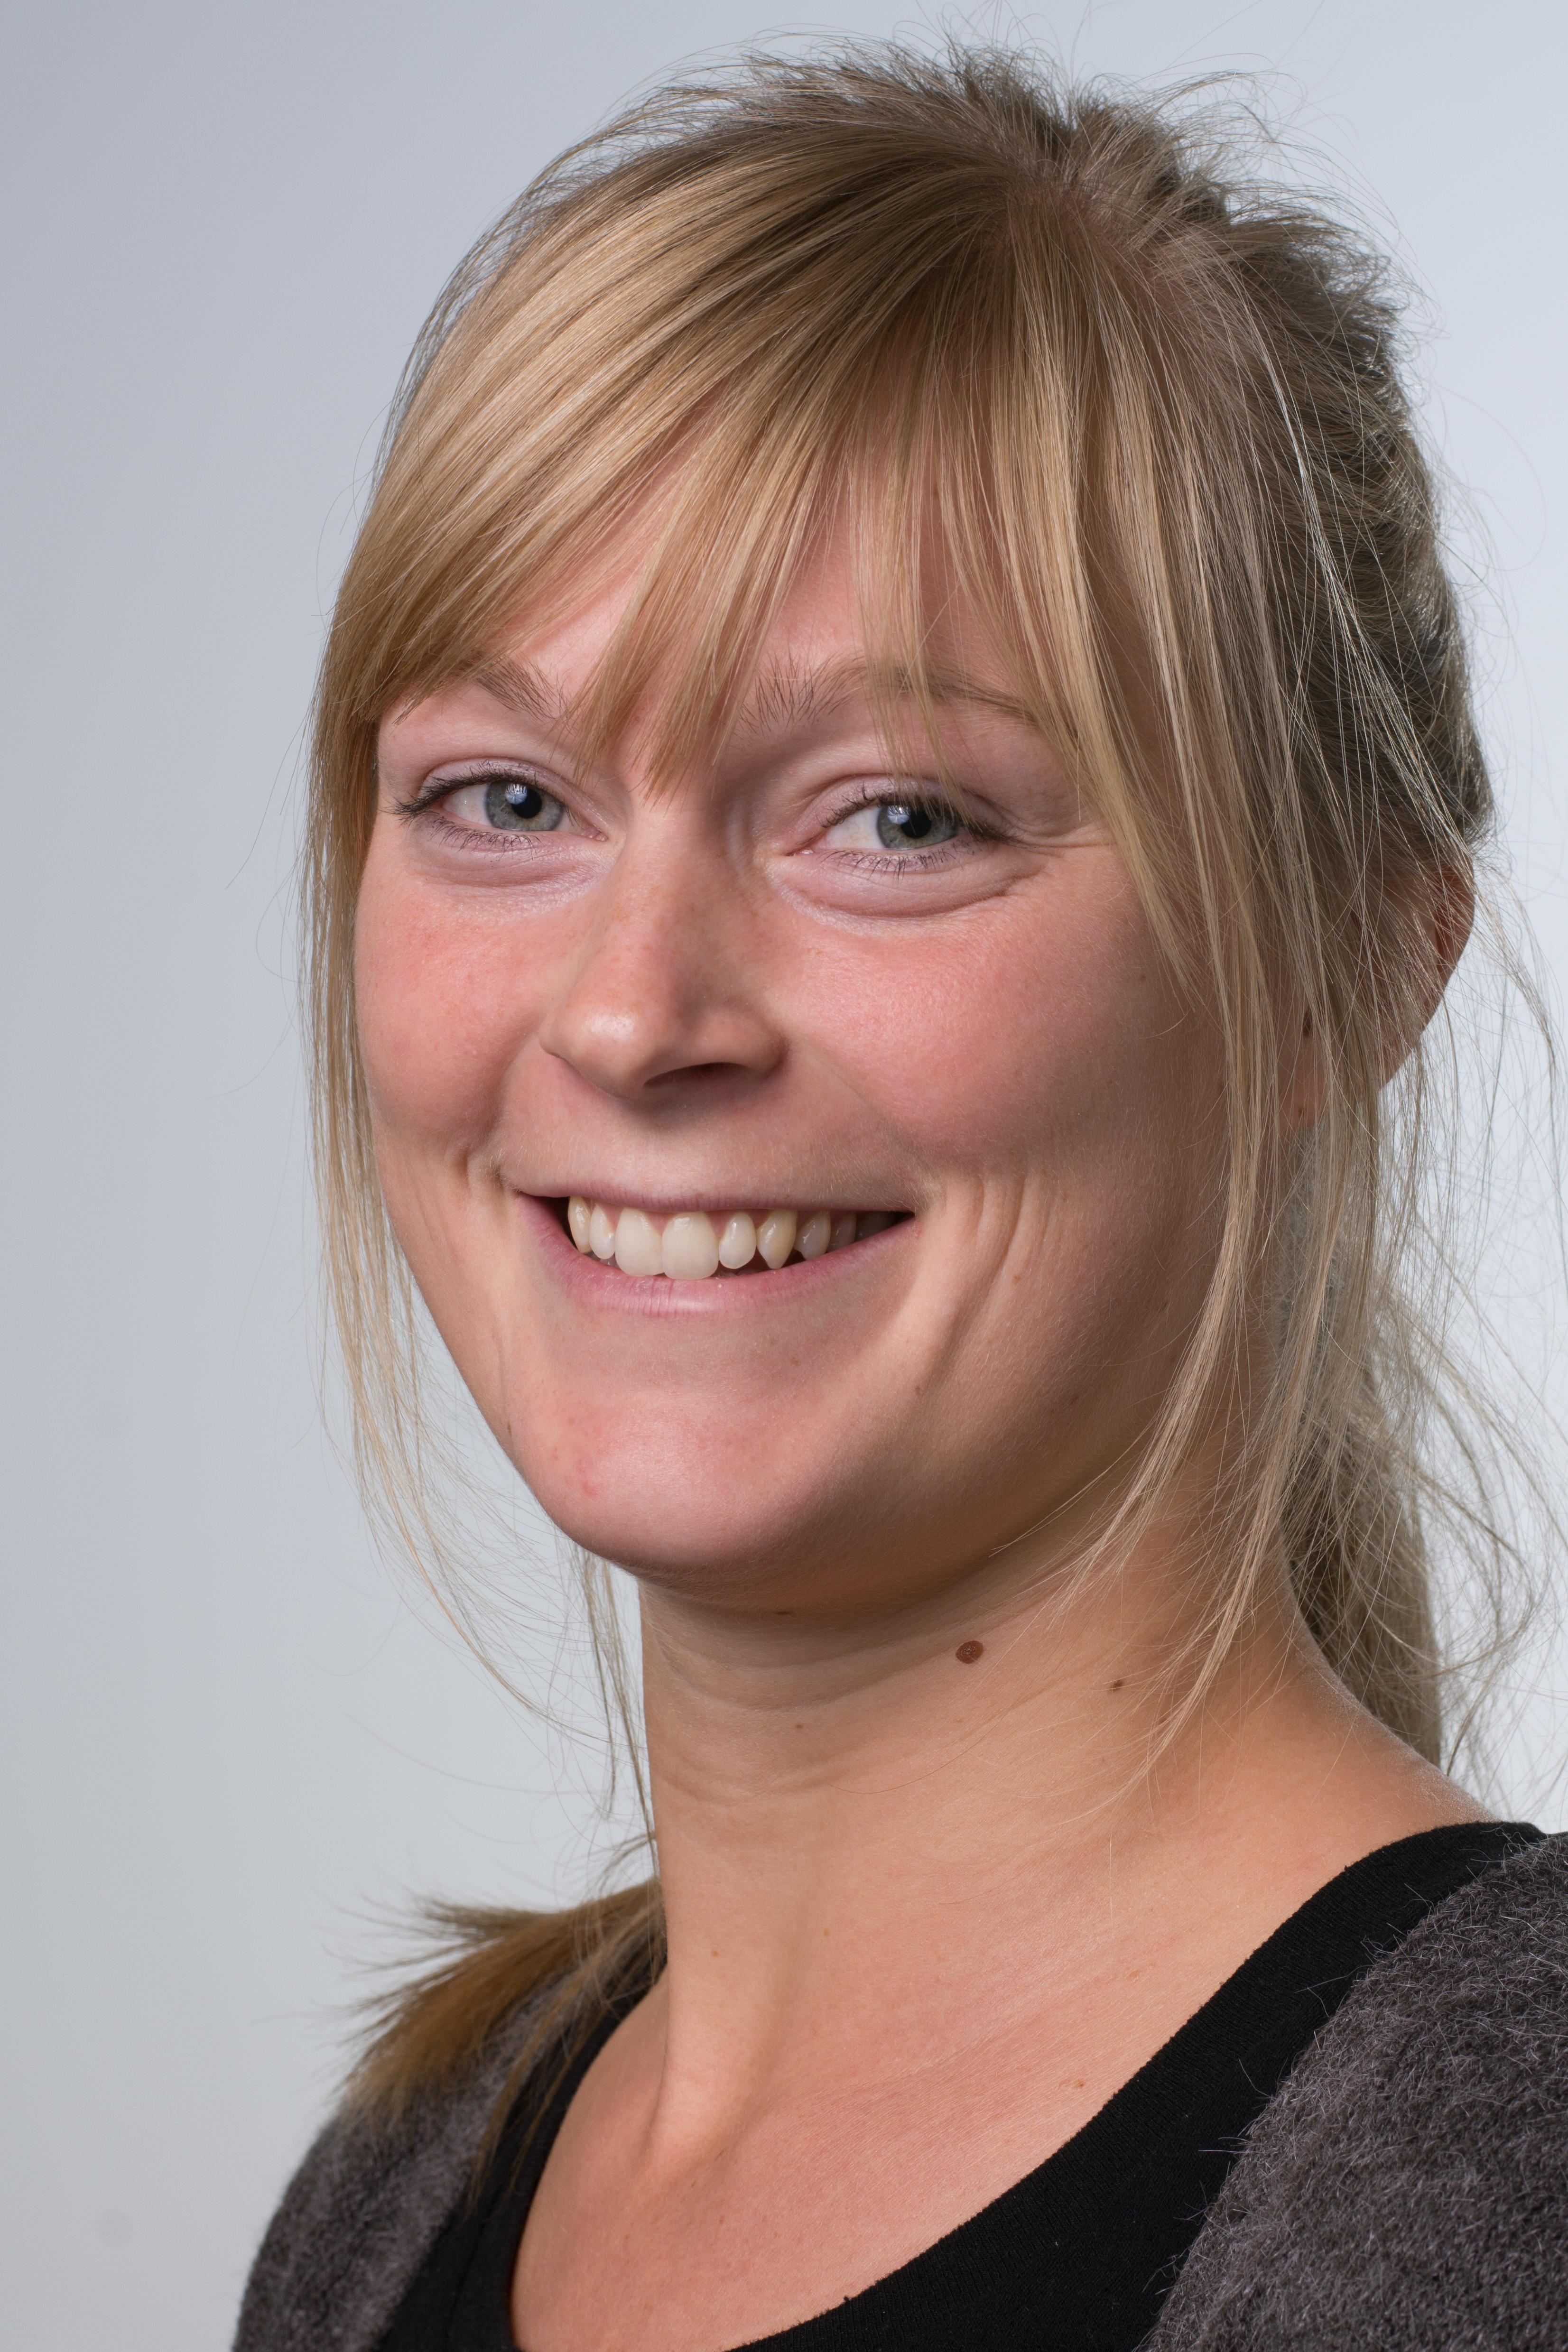 Maria Bech Poulsen